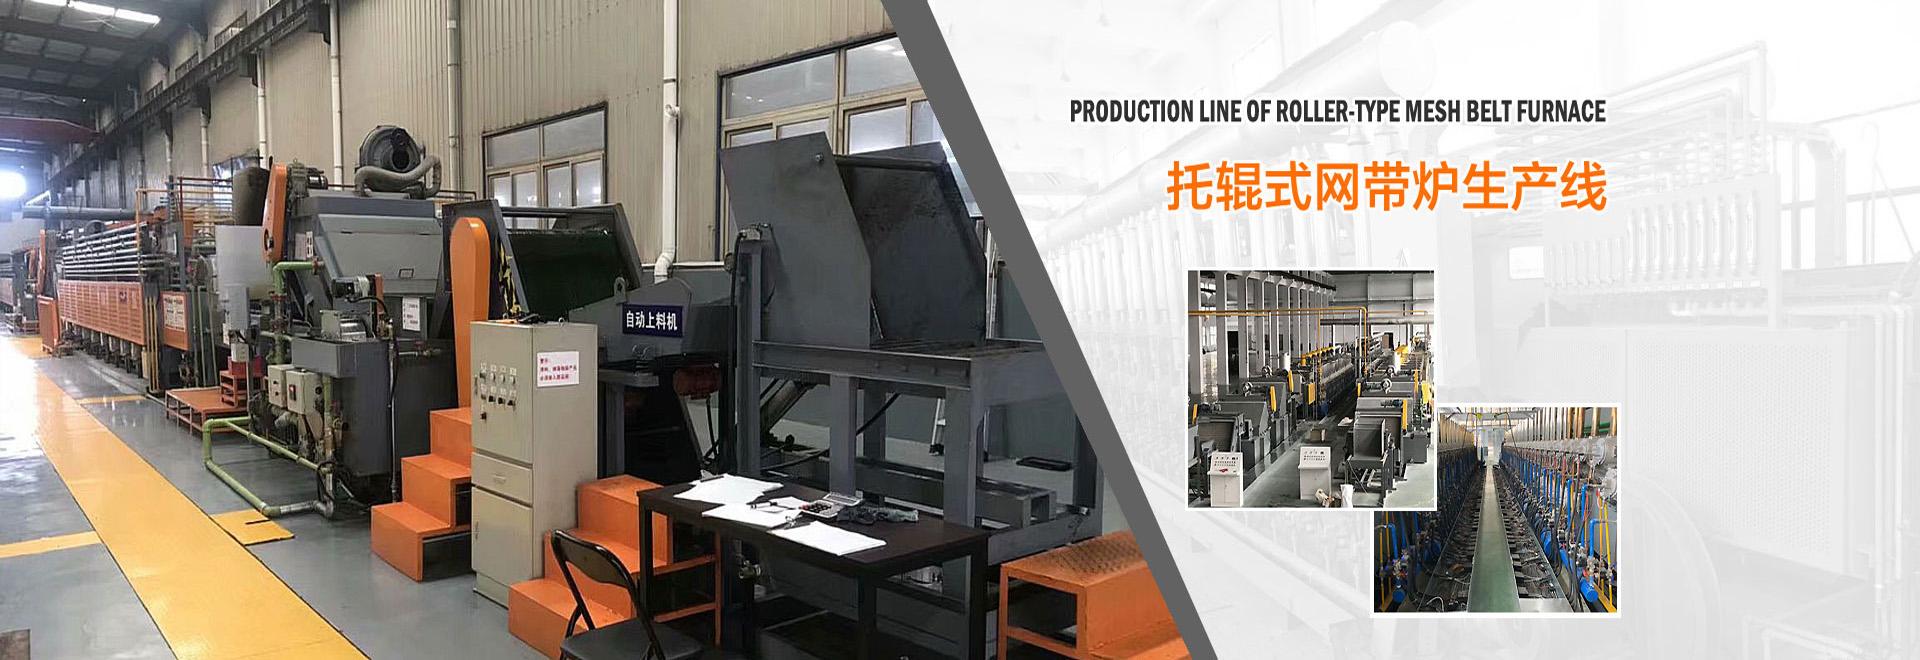 托辊式网带炉生产线